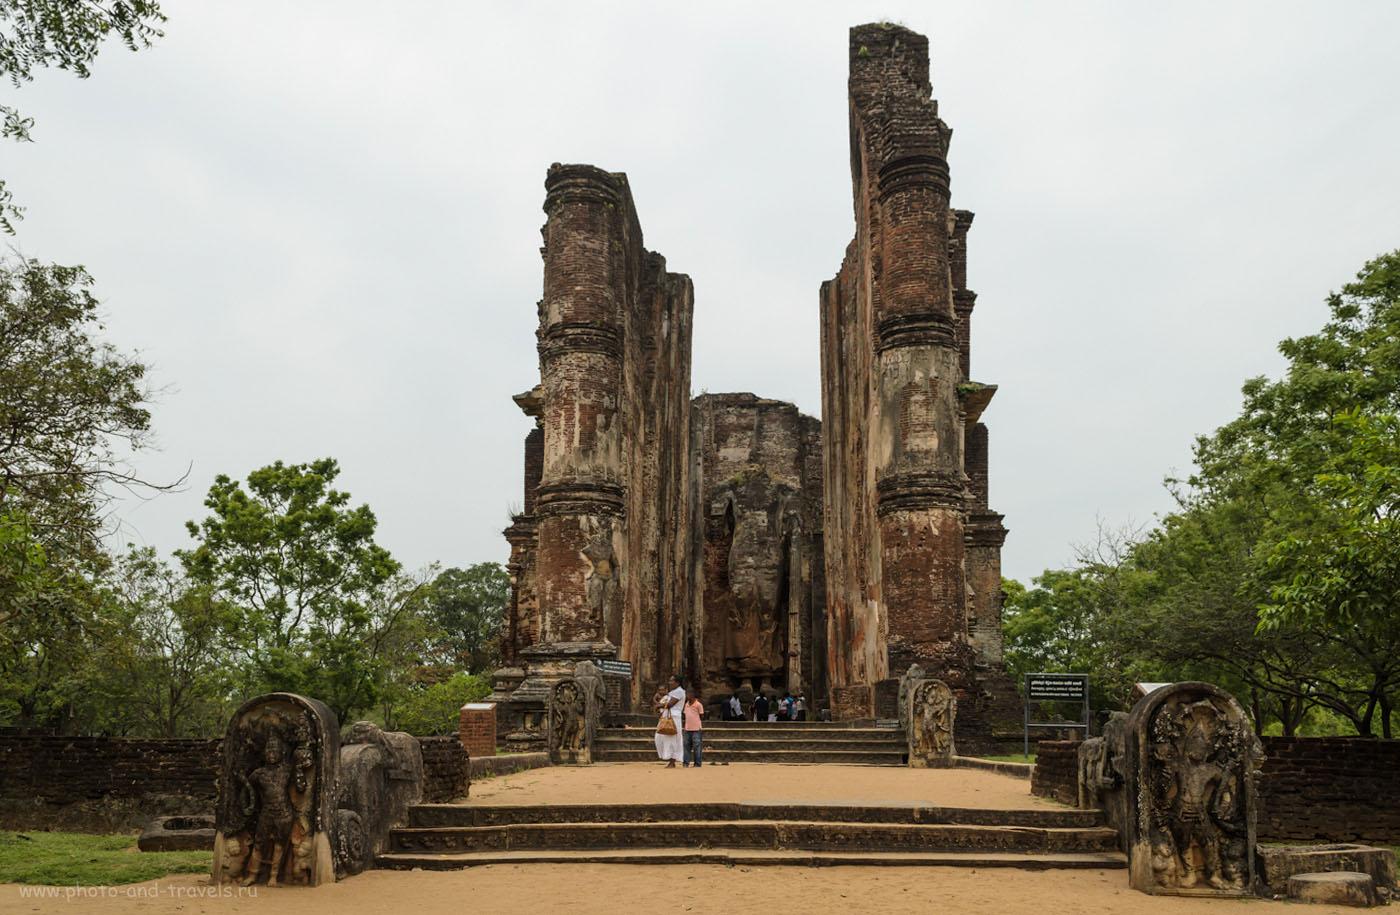 Фотография 11. Lankathilaka Image House в археологическом комплексе Polonnaruwa. Отзыв об отдыхе на Шри-Ланке в мае 2013. Куда поехать на экскурсию?